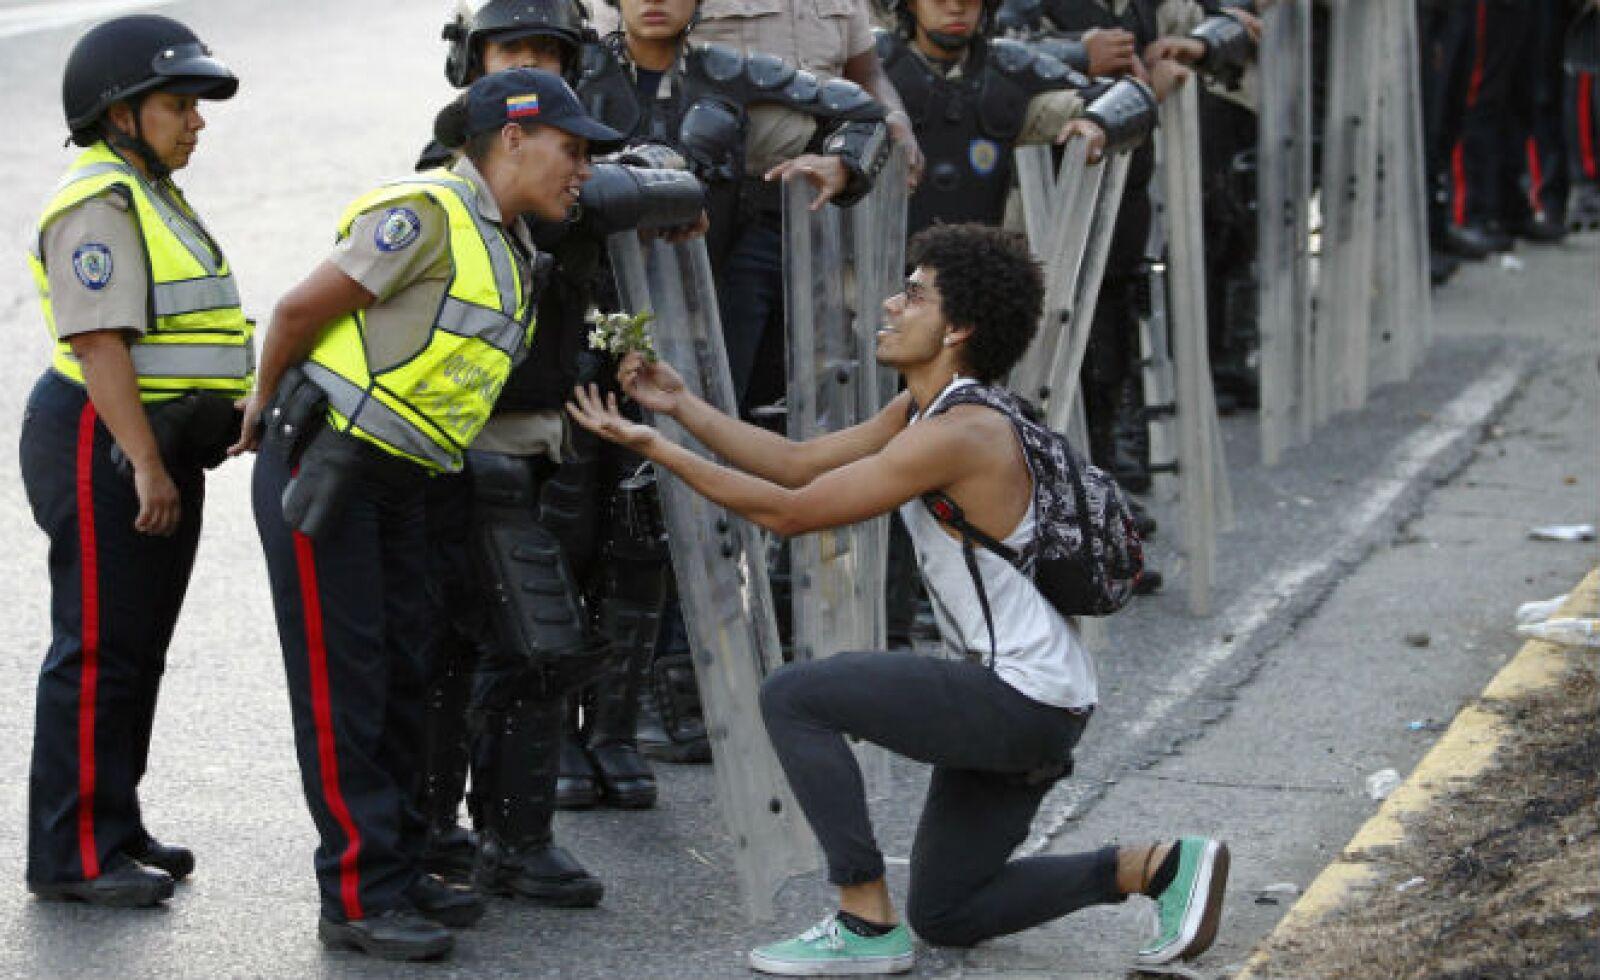 Casi un centenar de jóvenes que han participado en las protestas fueron detenidos desde el miércoles 12 de febrero.